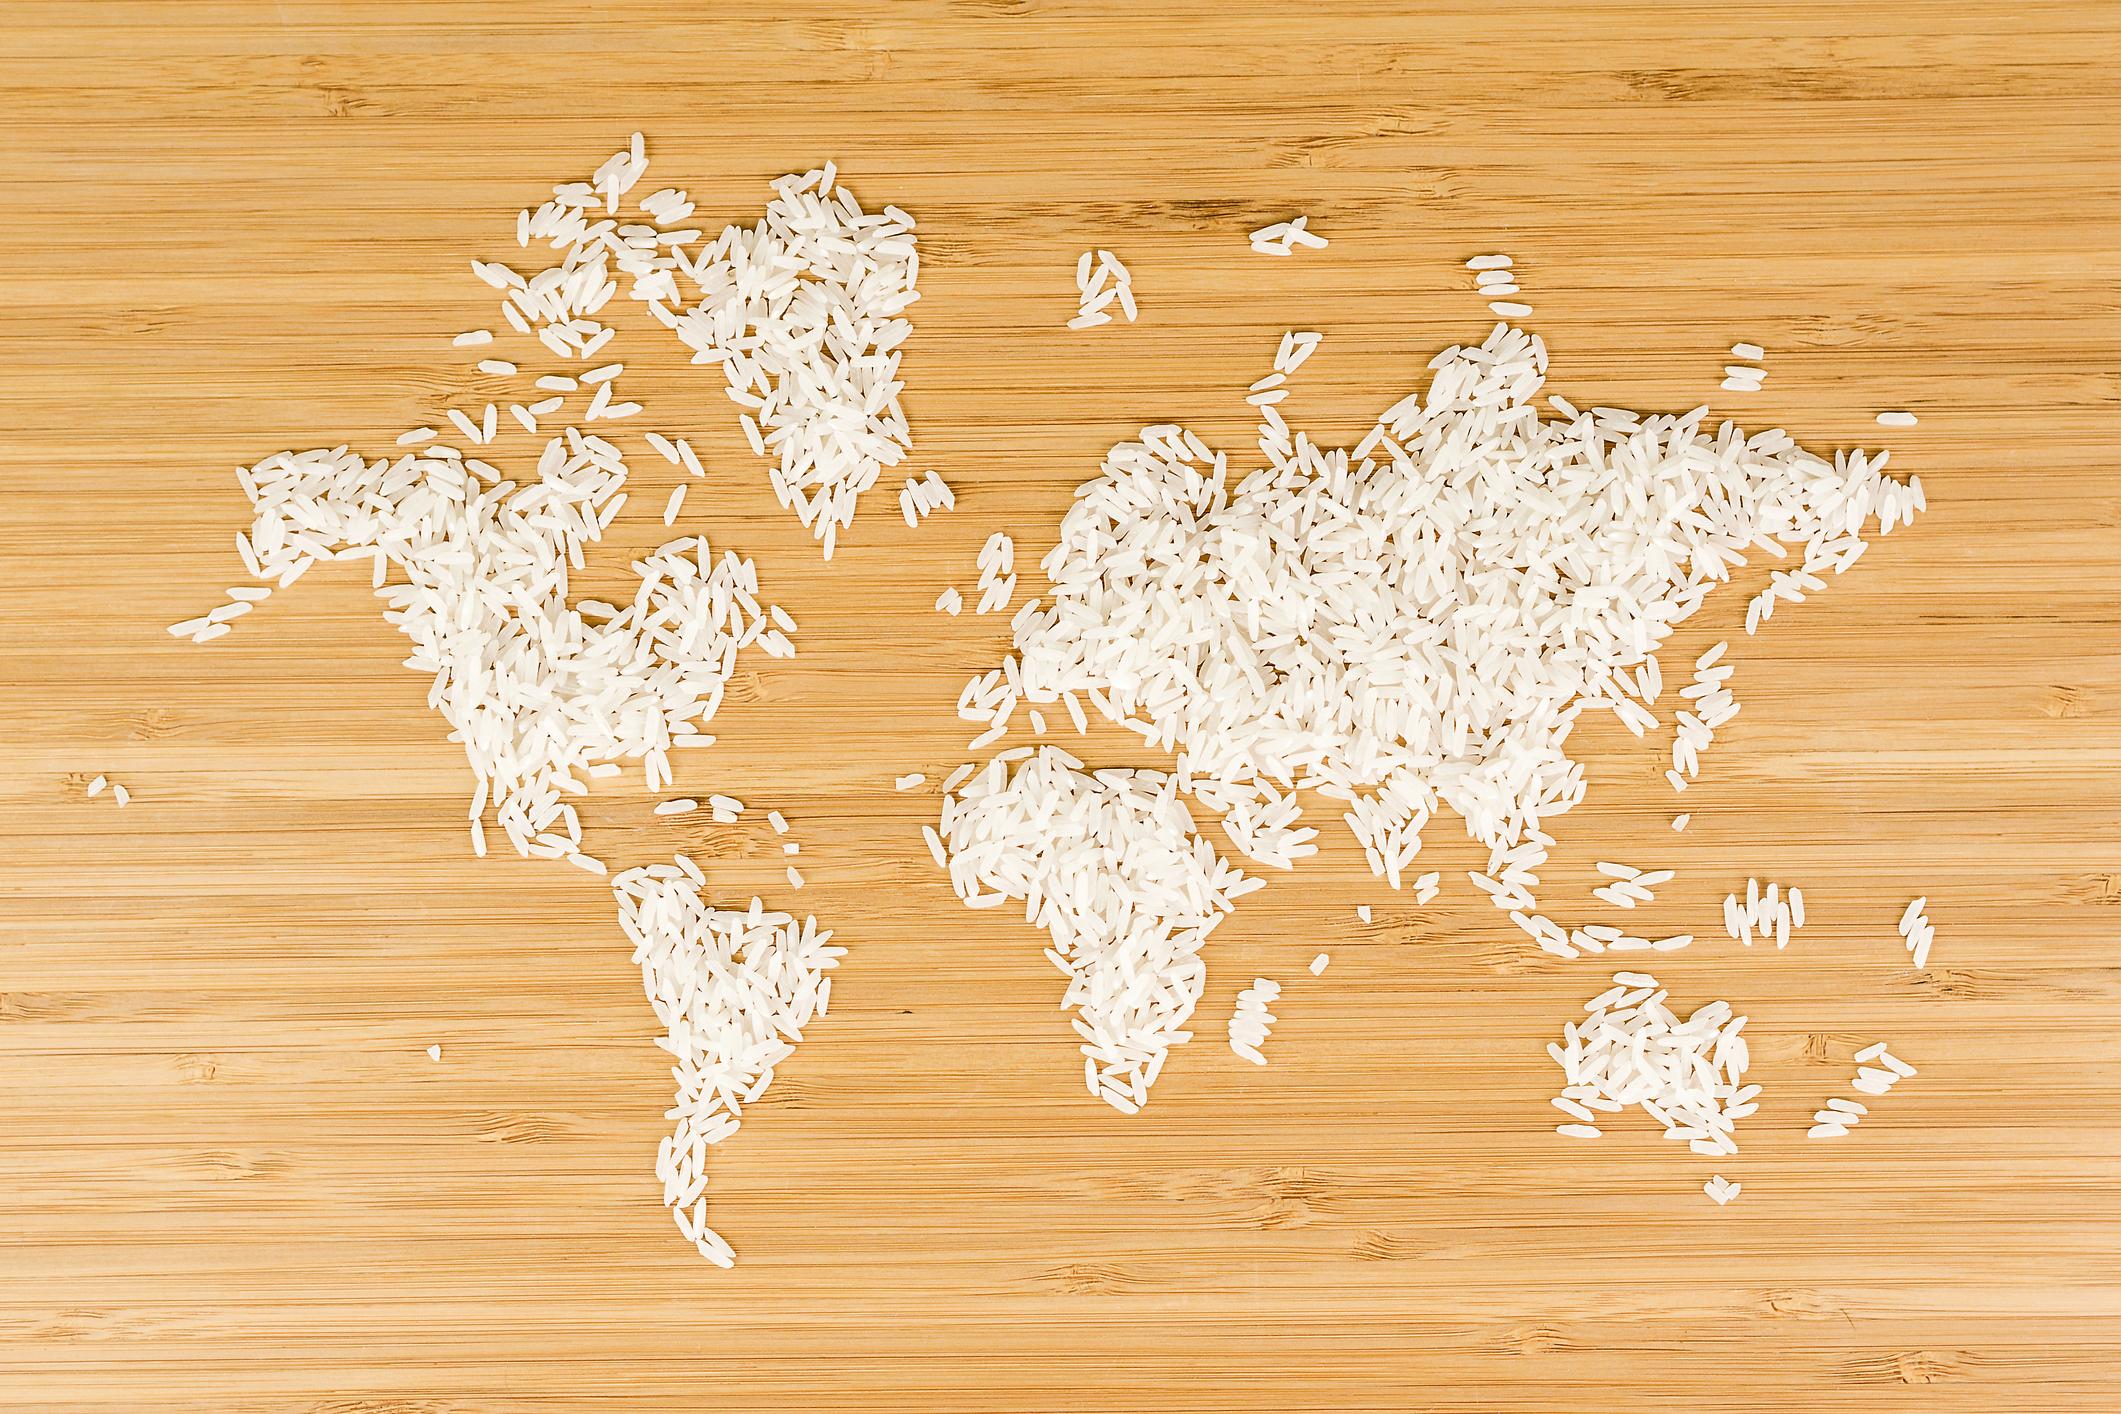 Найкорисніші кухні світу, які допоможуть покращити ваше здоров'я